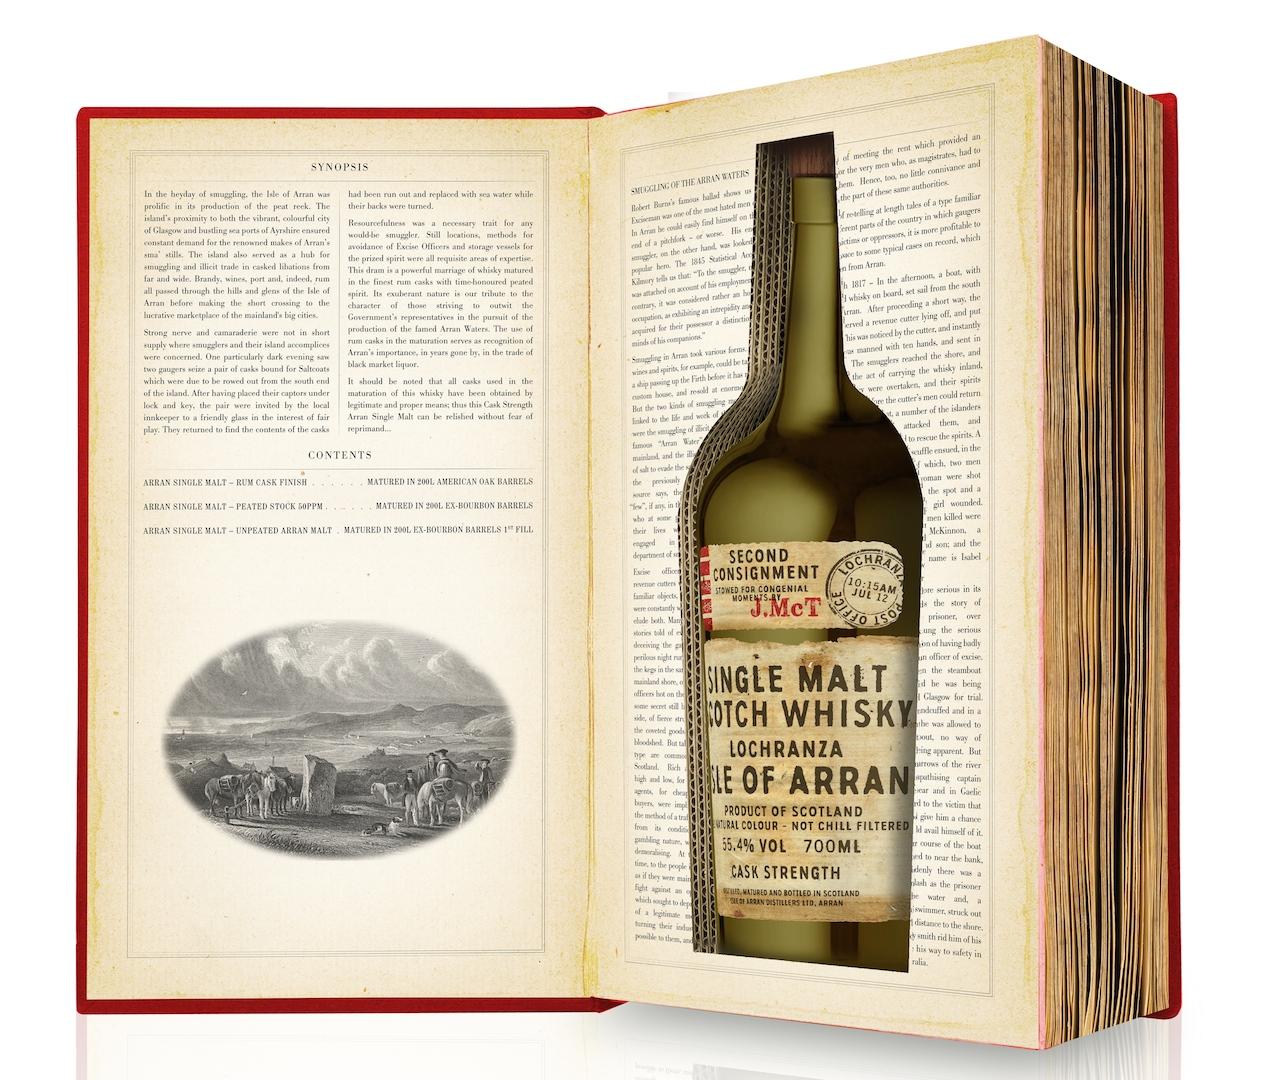 Är det en bok eller en flaska whisky? Med Arran Smuggler's Series (här i sin andra utgåva) har destilleriet tagit konsten att göra spektakulära förpackningar till en ny nivå.